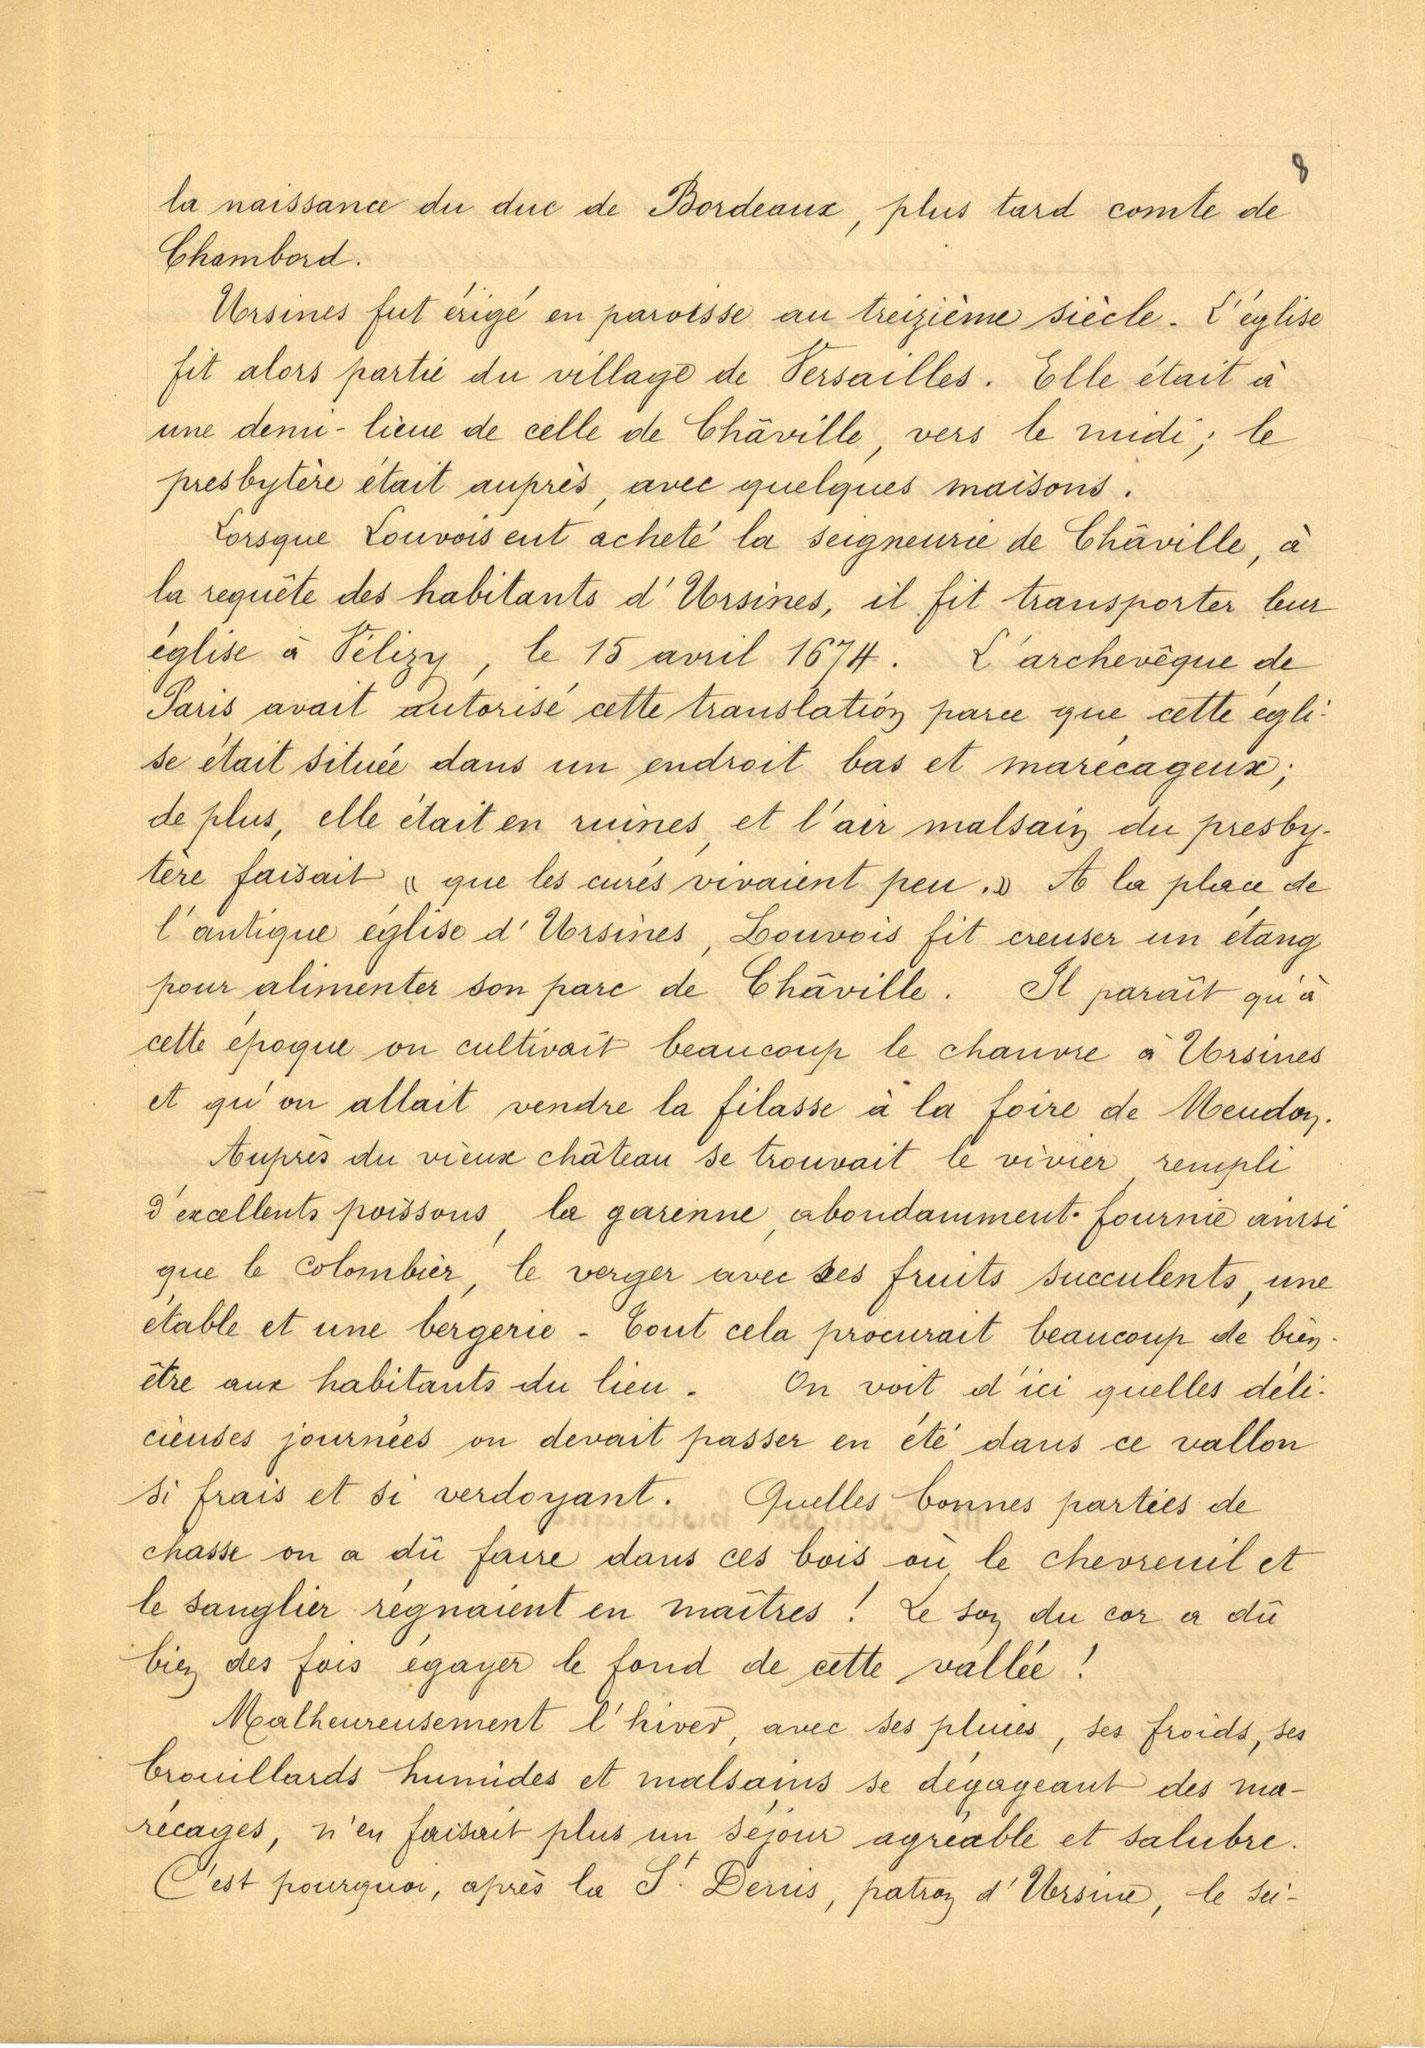 Page 8 - Monographie communale de l'instituteur de Vélizy, 1899